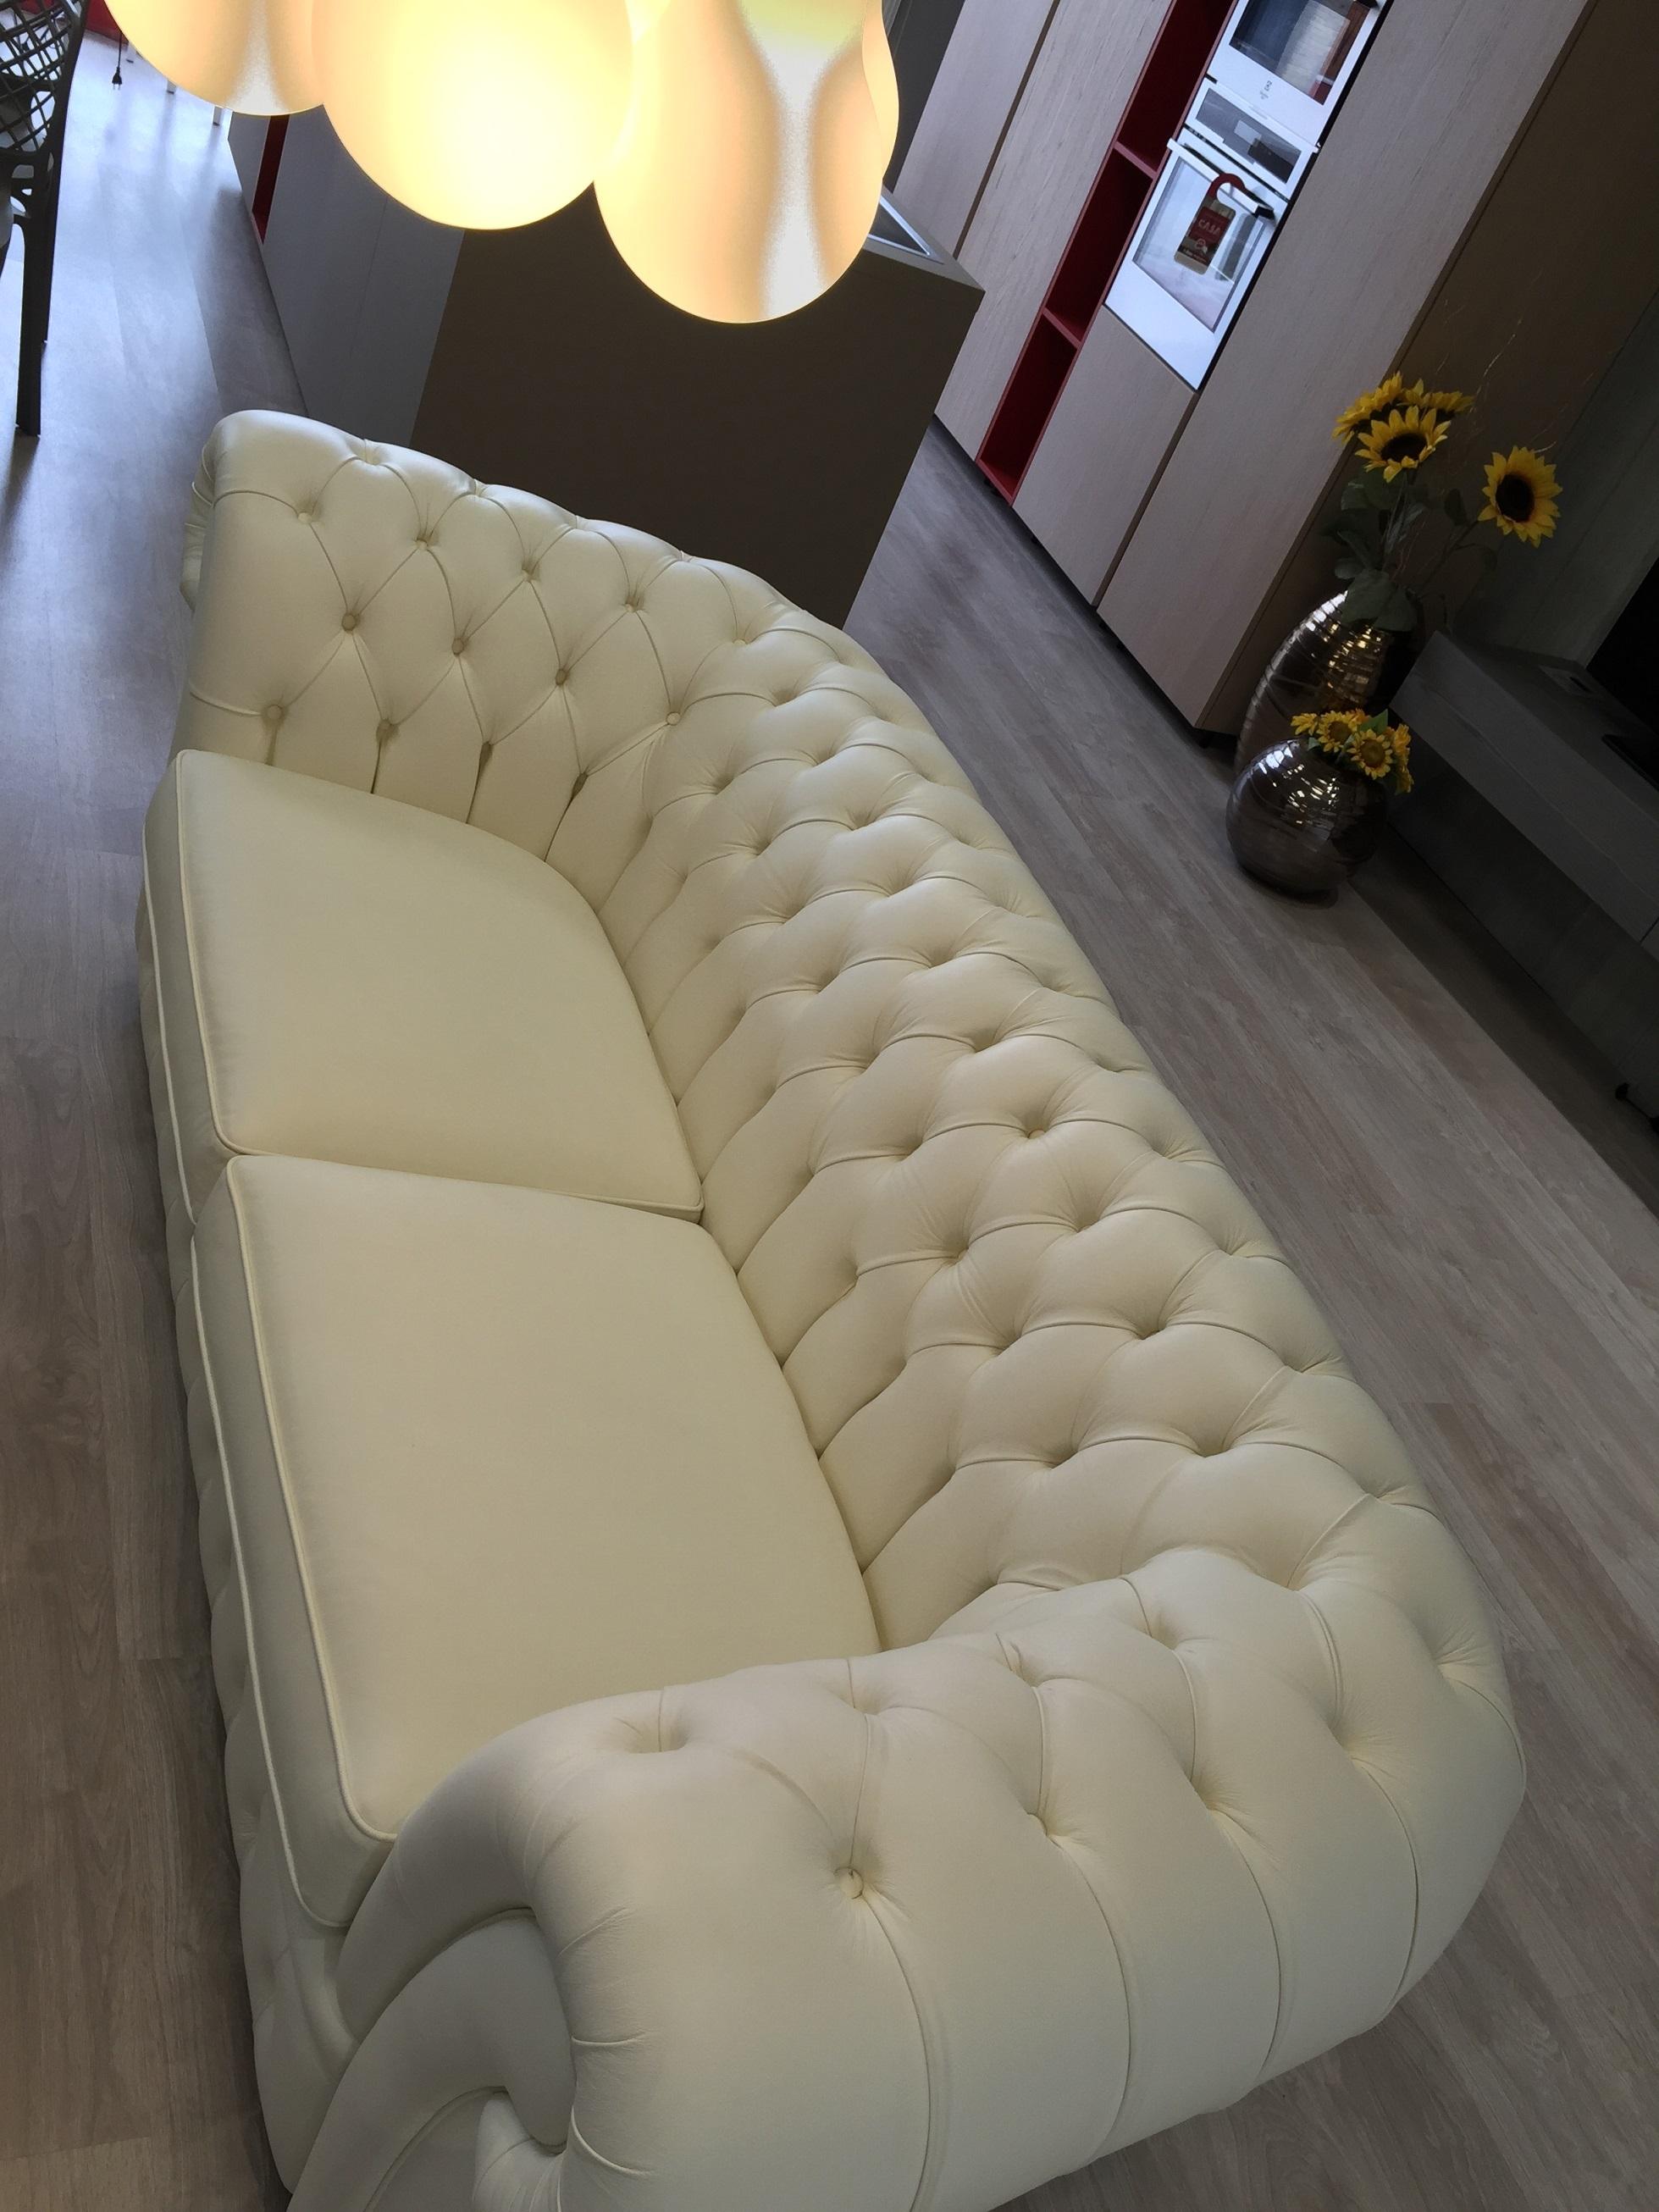 Divano in pelle bianco tipo chesterfield scontato del 72 divani a prezzi scontati - Divano pelle o tessuto ...